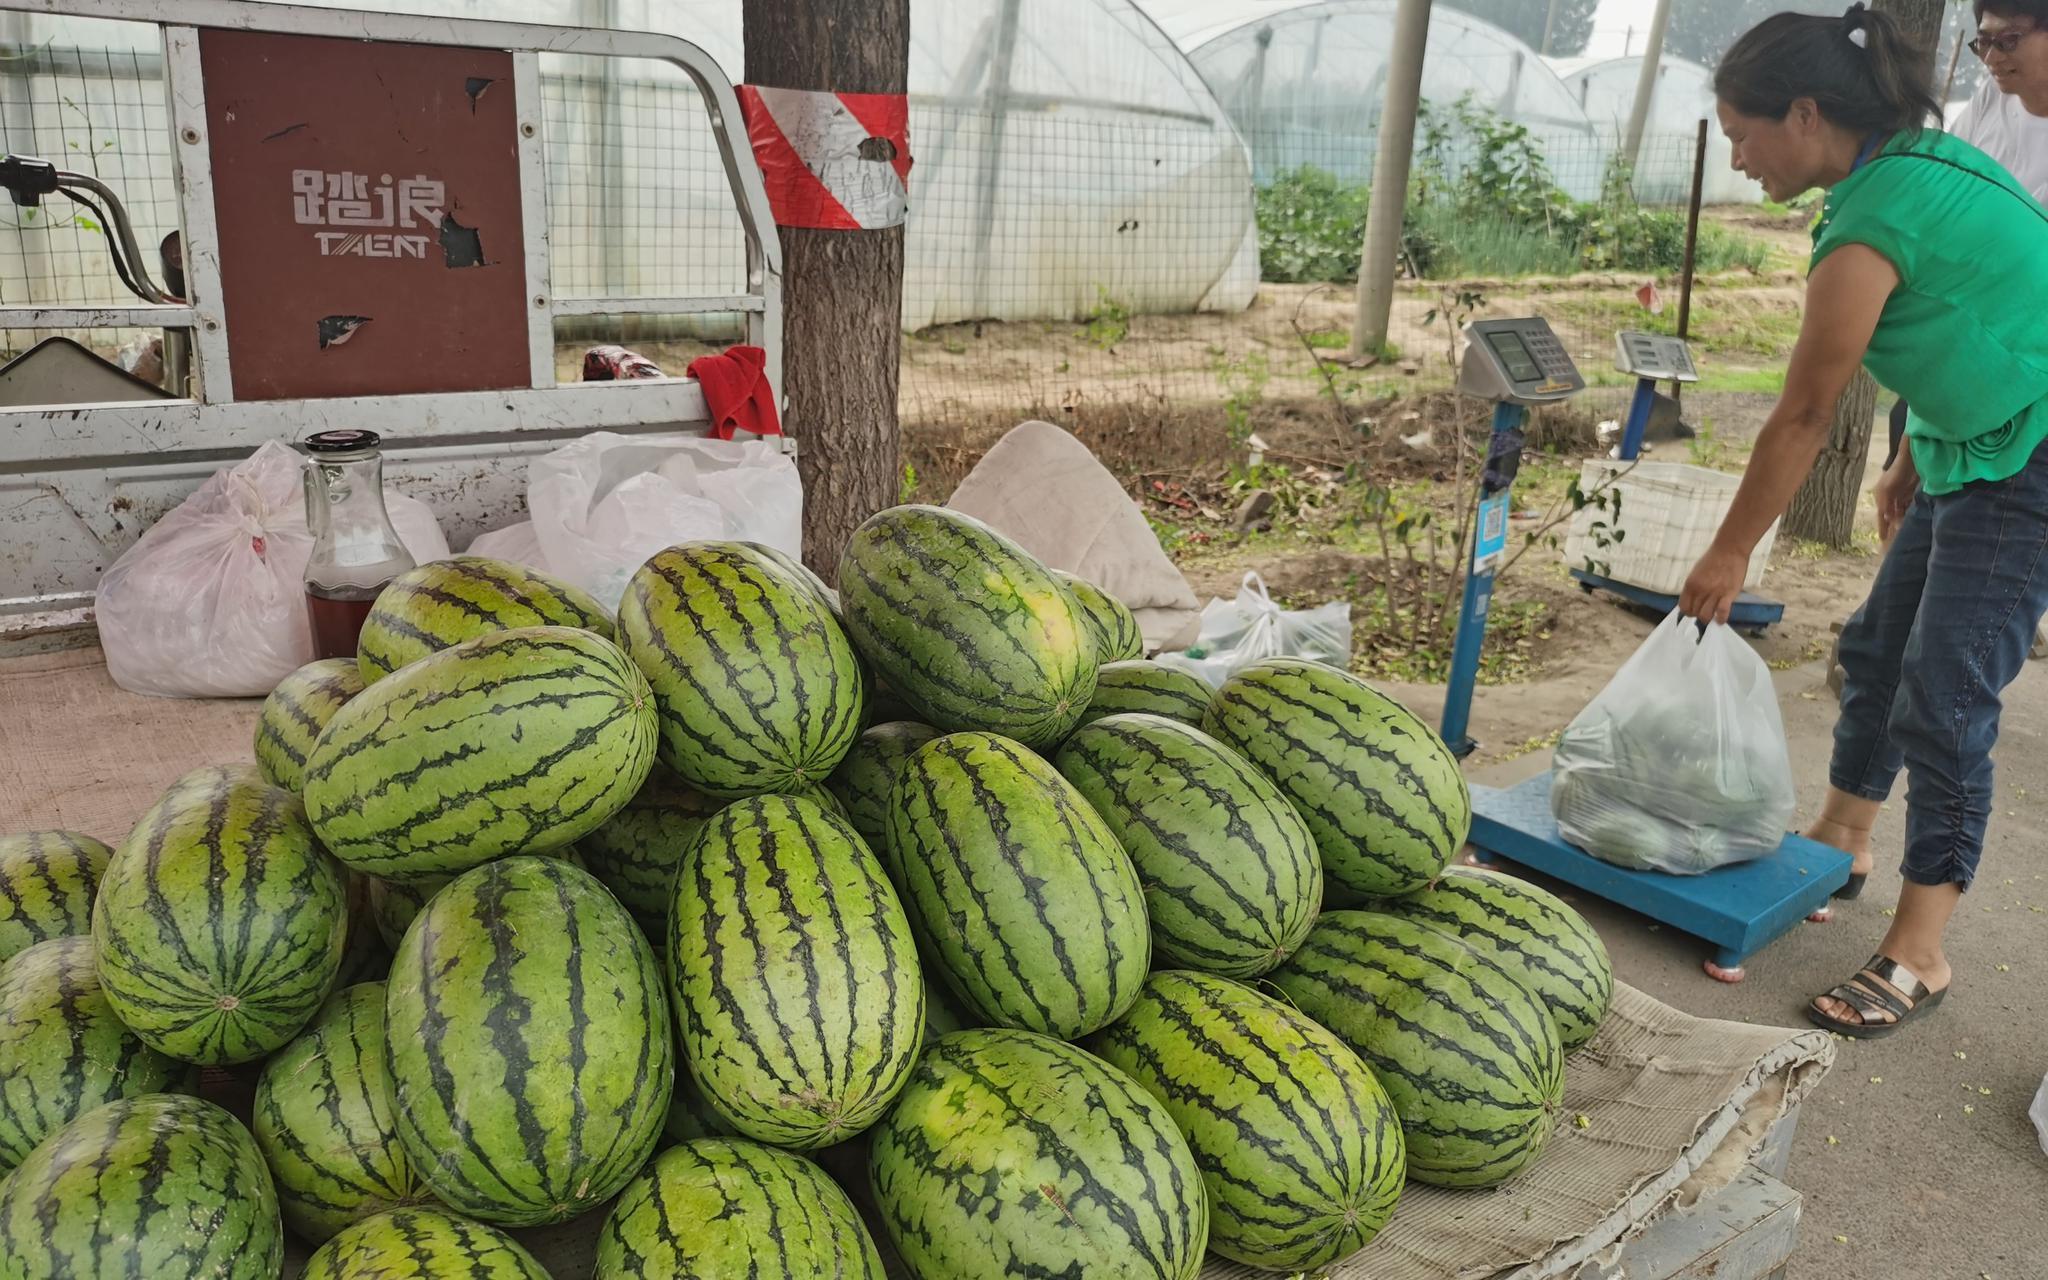 瓜农在路侧向过往车辆售卖西瓜。新京报记者 王颖 摄